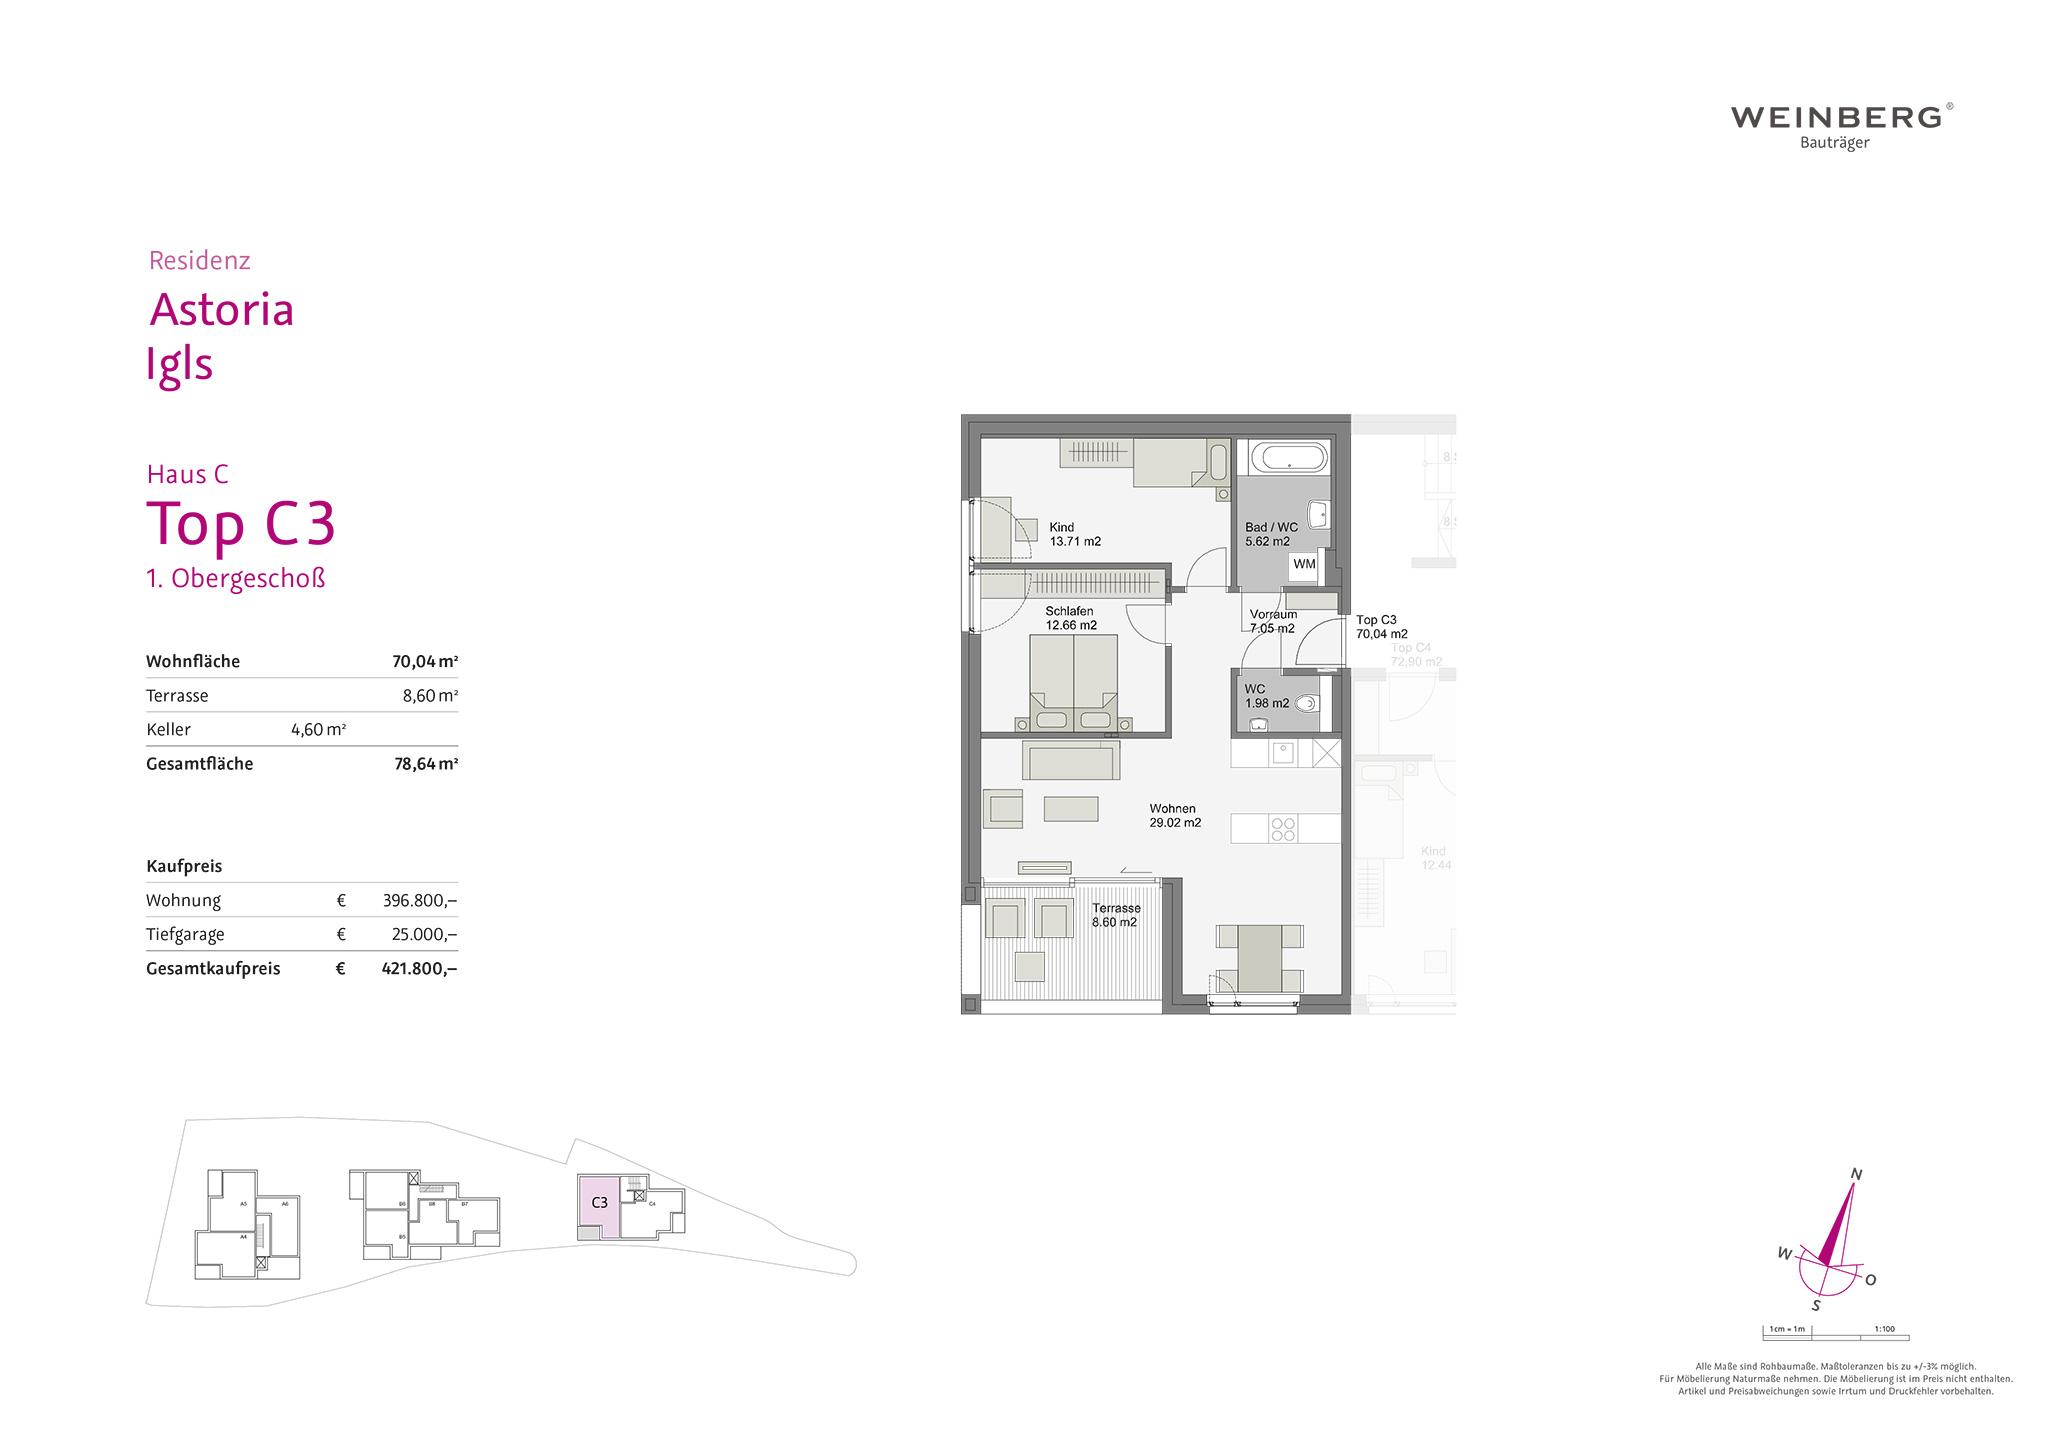 Aktuelle Projekte Weinberg Bautrager